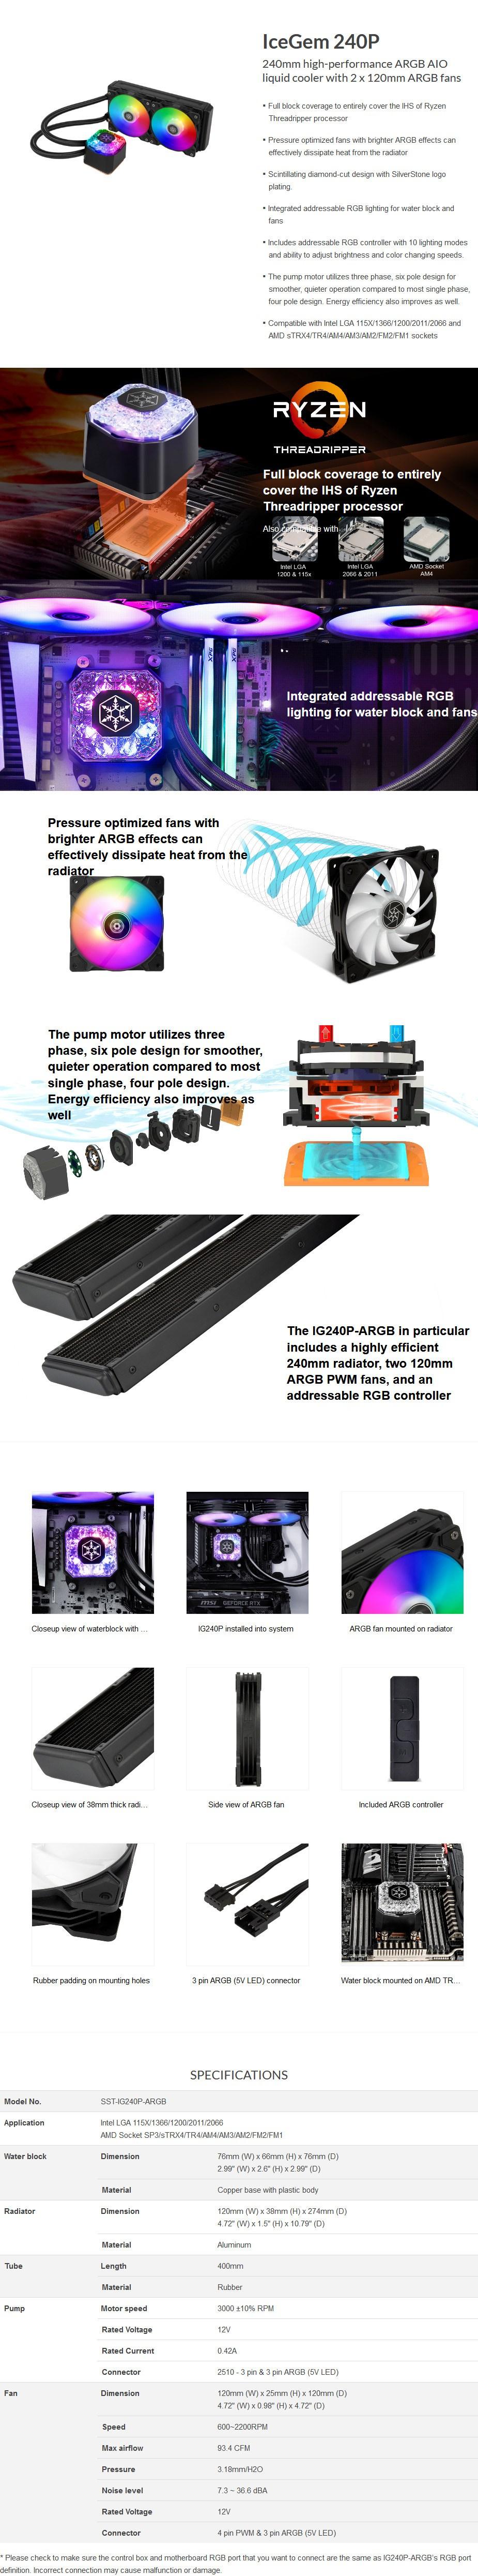 silverstone-icegem-240p-argb-liquid-cpu-cooler-ac40030-1.jpg